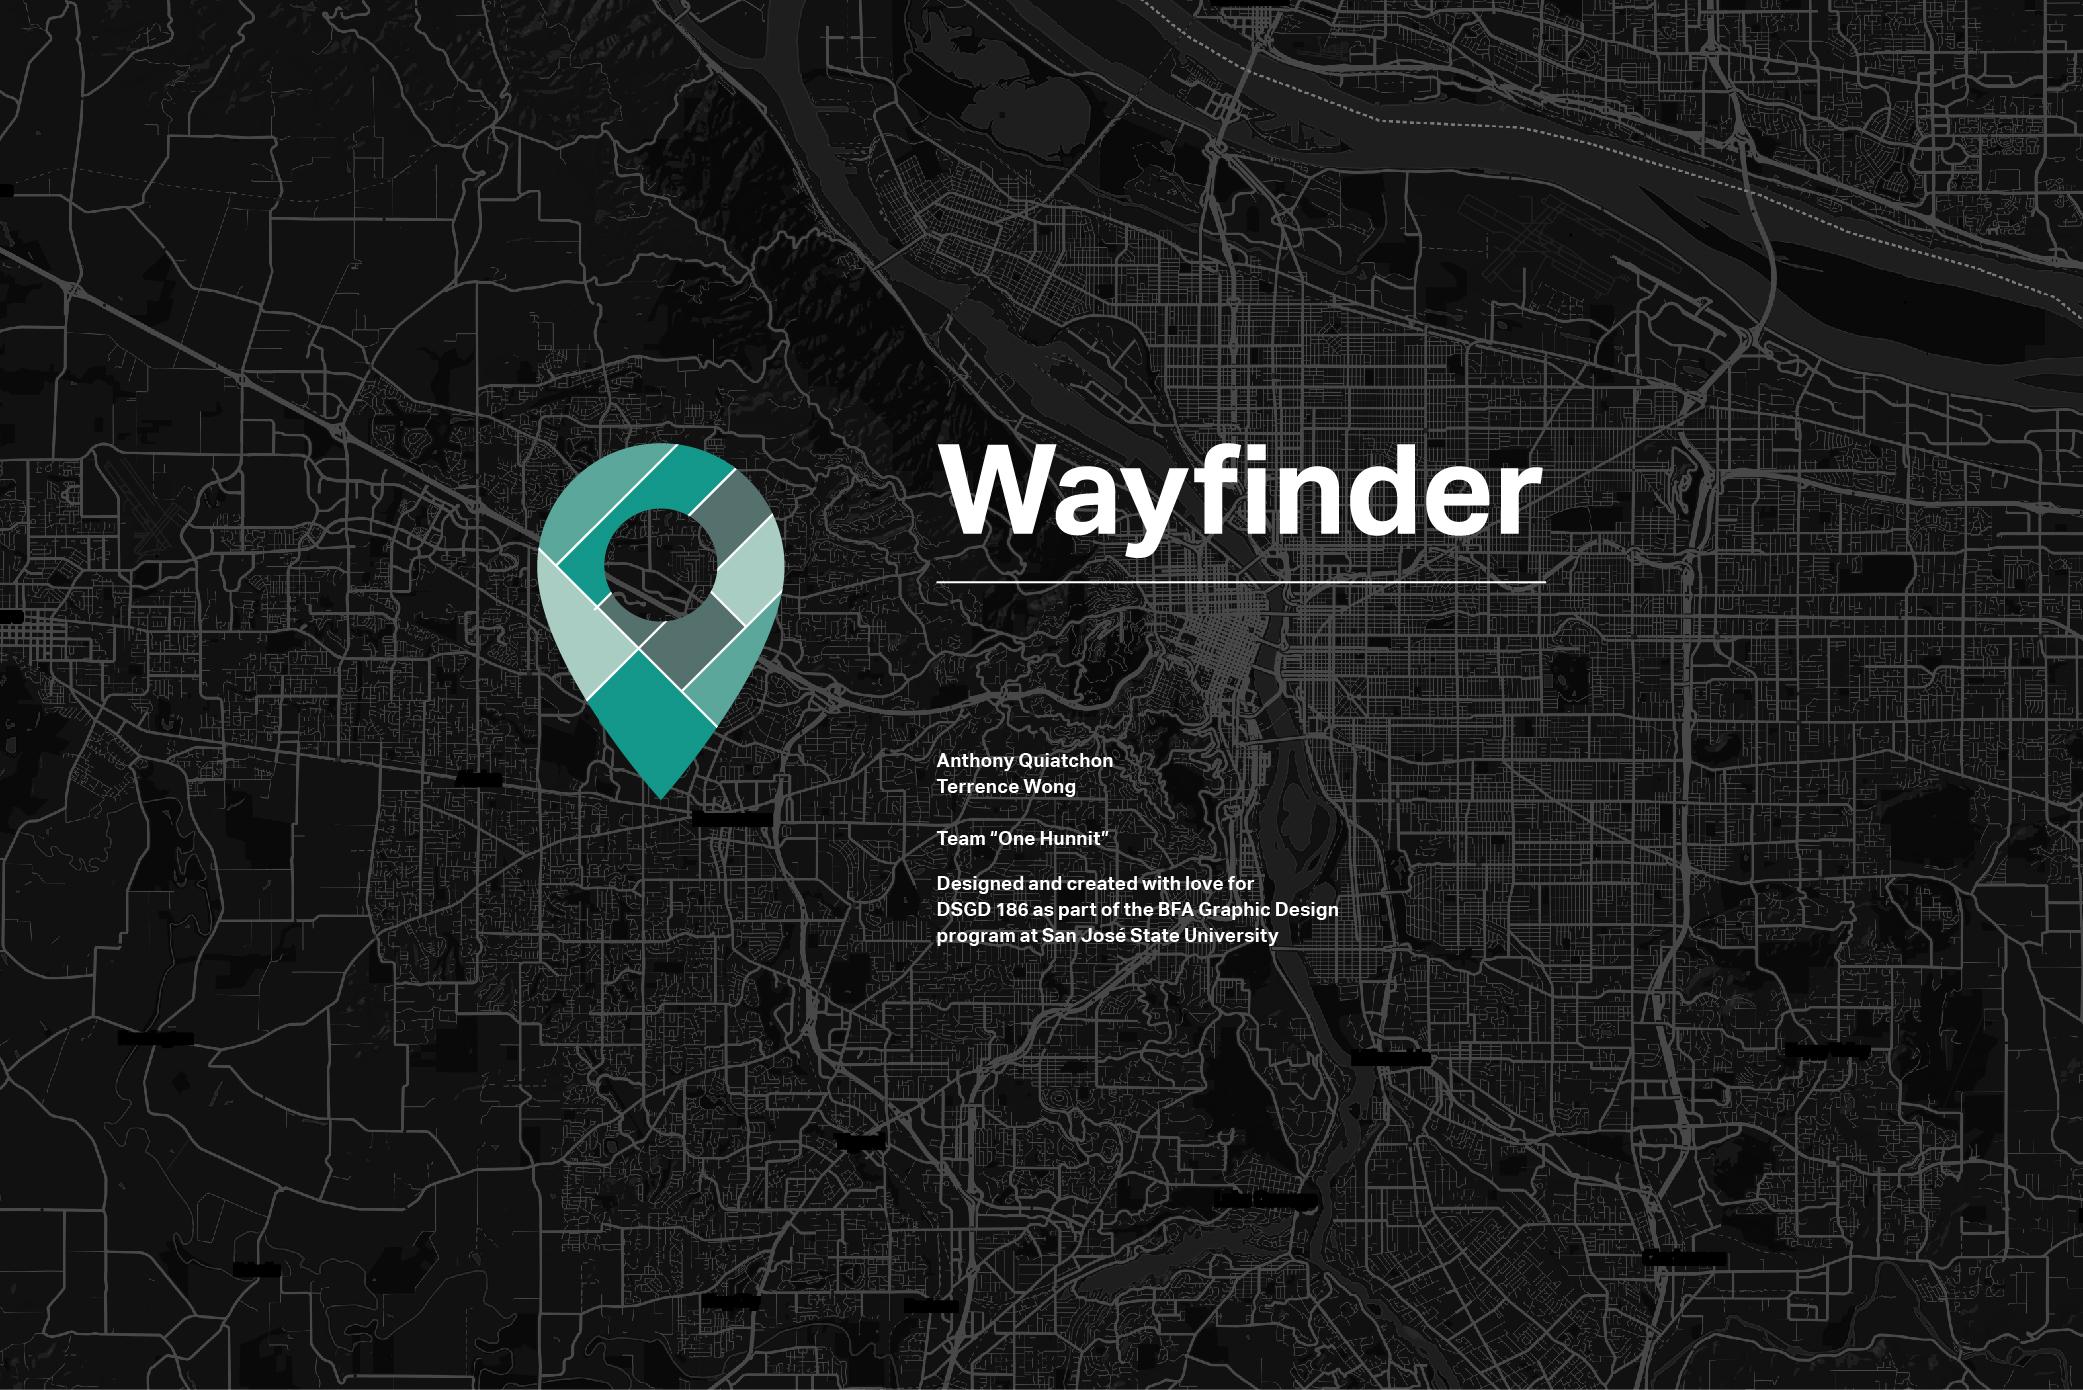 wayfinderthumb-01.jpg